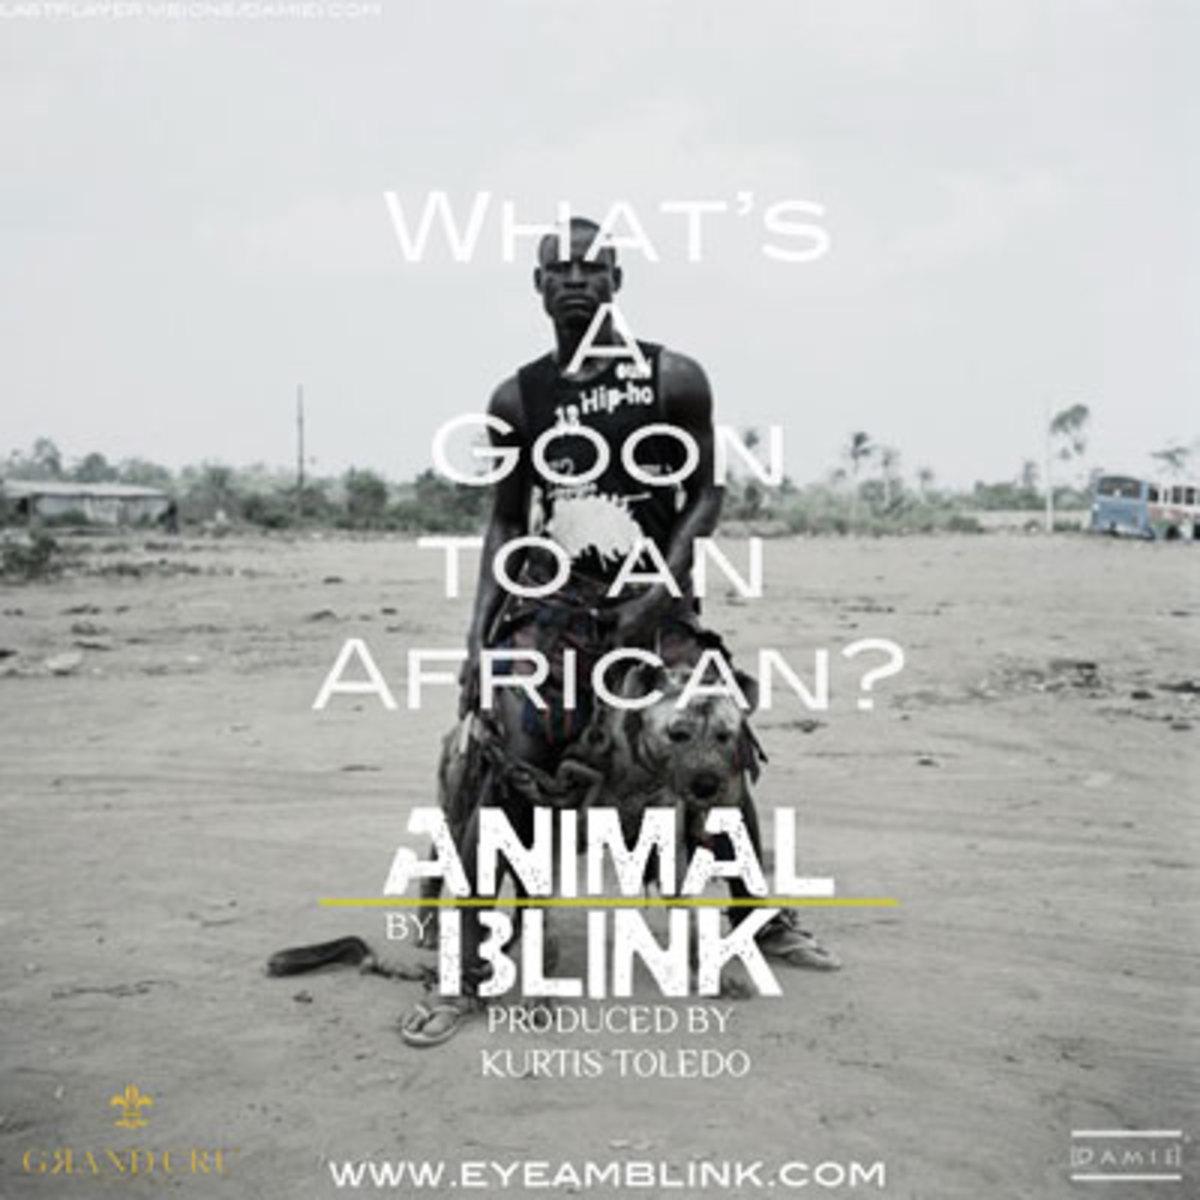 blink-animal.jpg